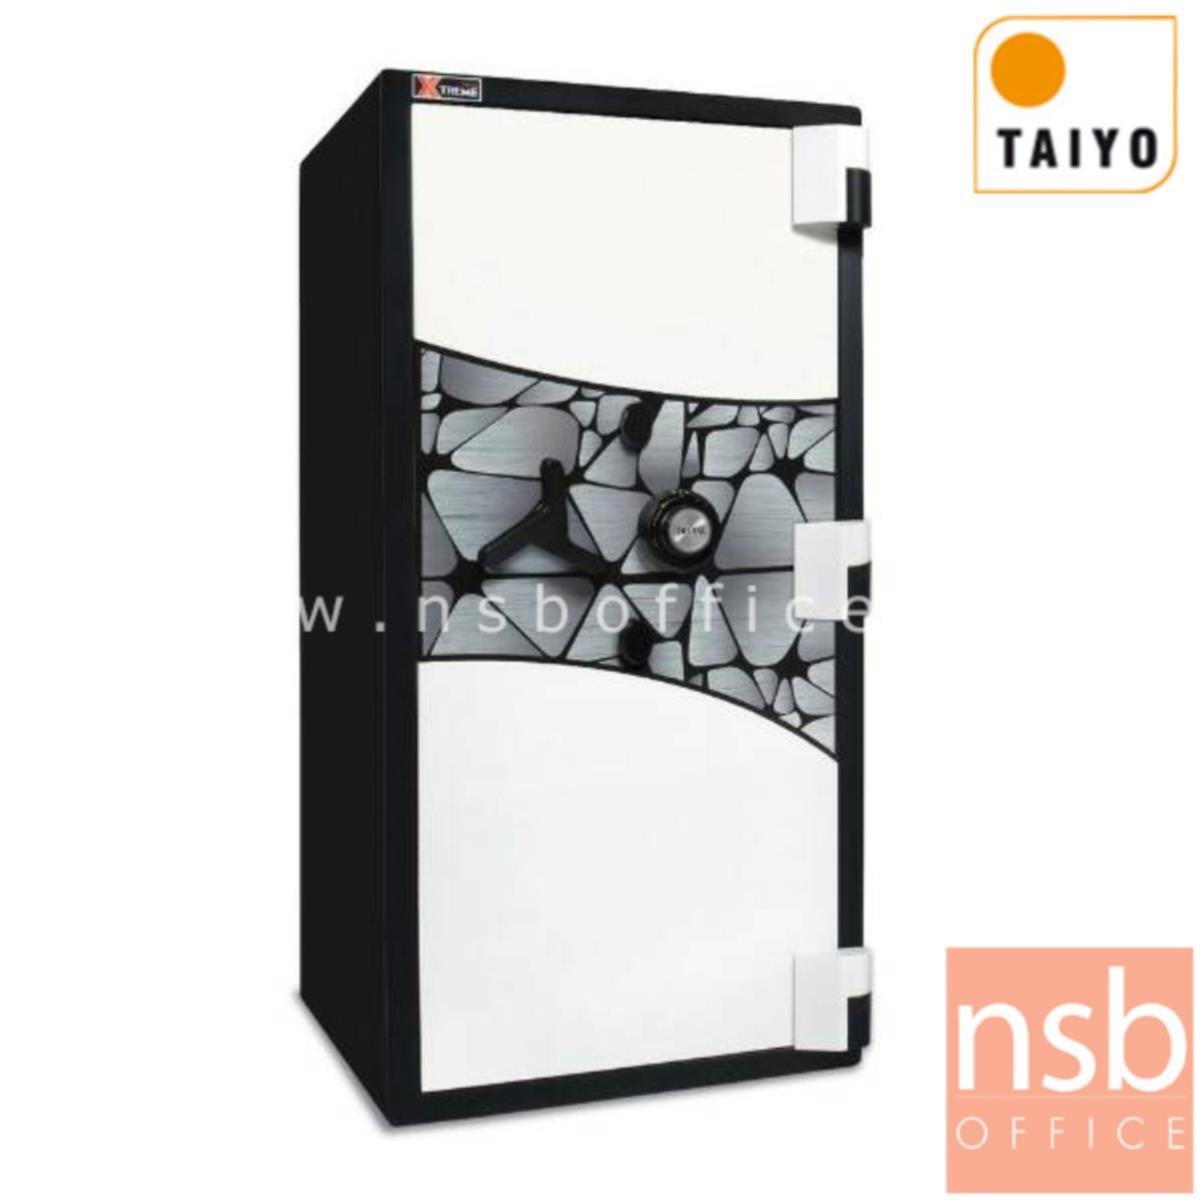 ตู้เซฟ Taiyo Xtreme รุ่นพิเศษ BS 120 K2C น้ำหนัก 600 กก. 2 กุญแจ 1 รหัส